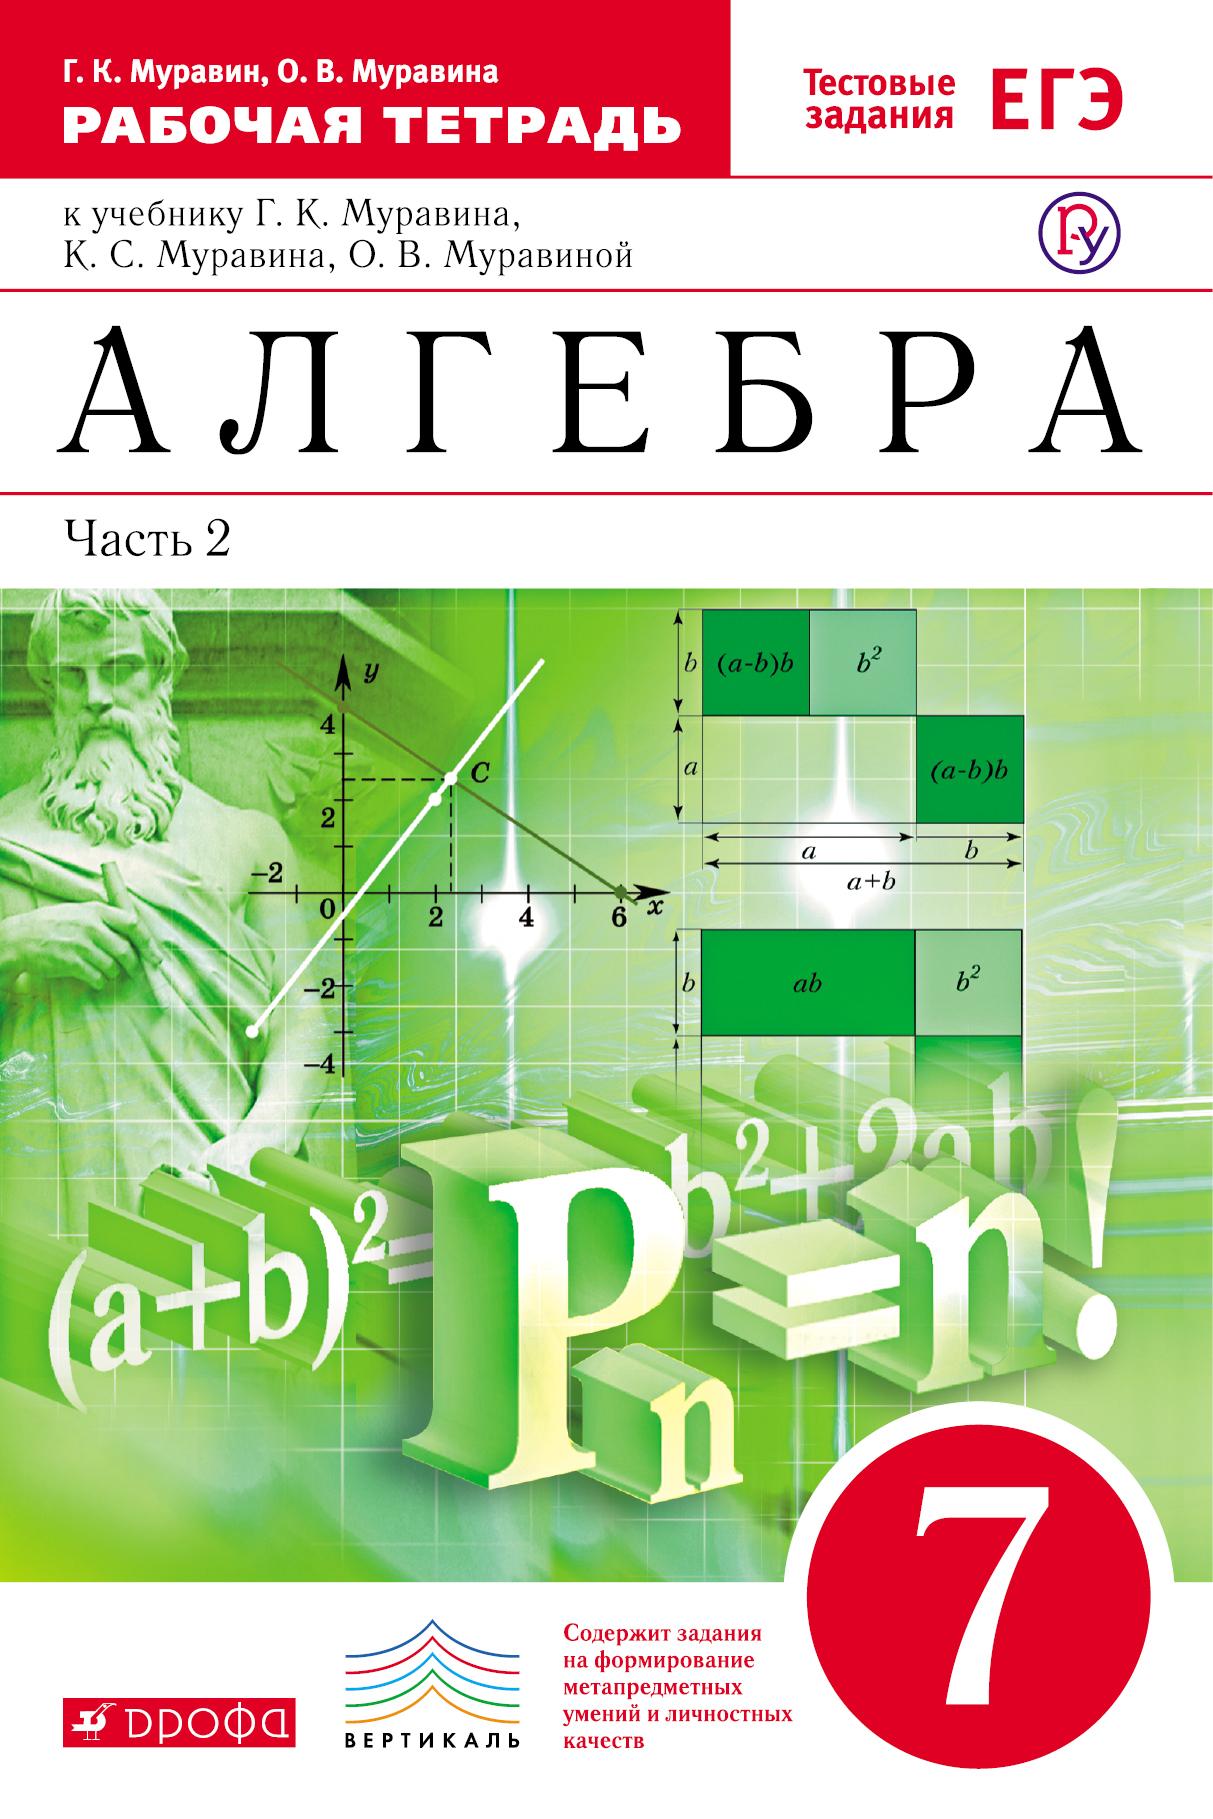 Алгебра. 7класс. Рабочая тетрадь. Часть.2 (С тестовыми заданиями ЕГЭ).